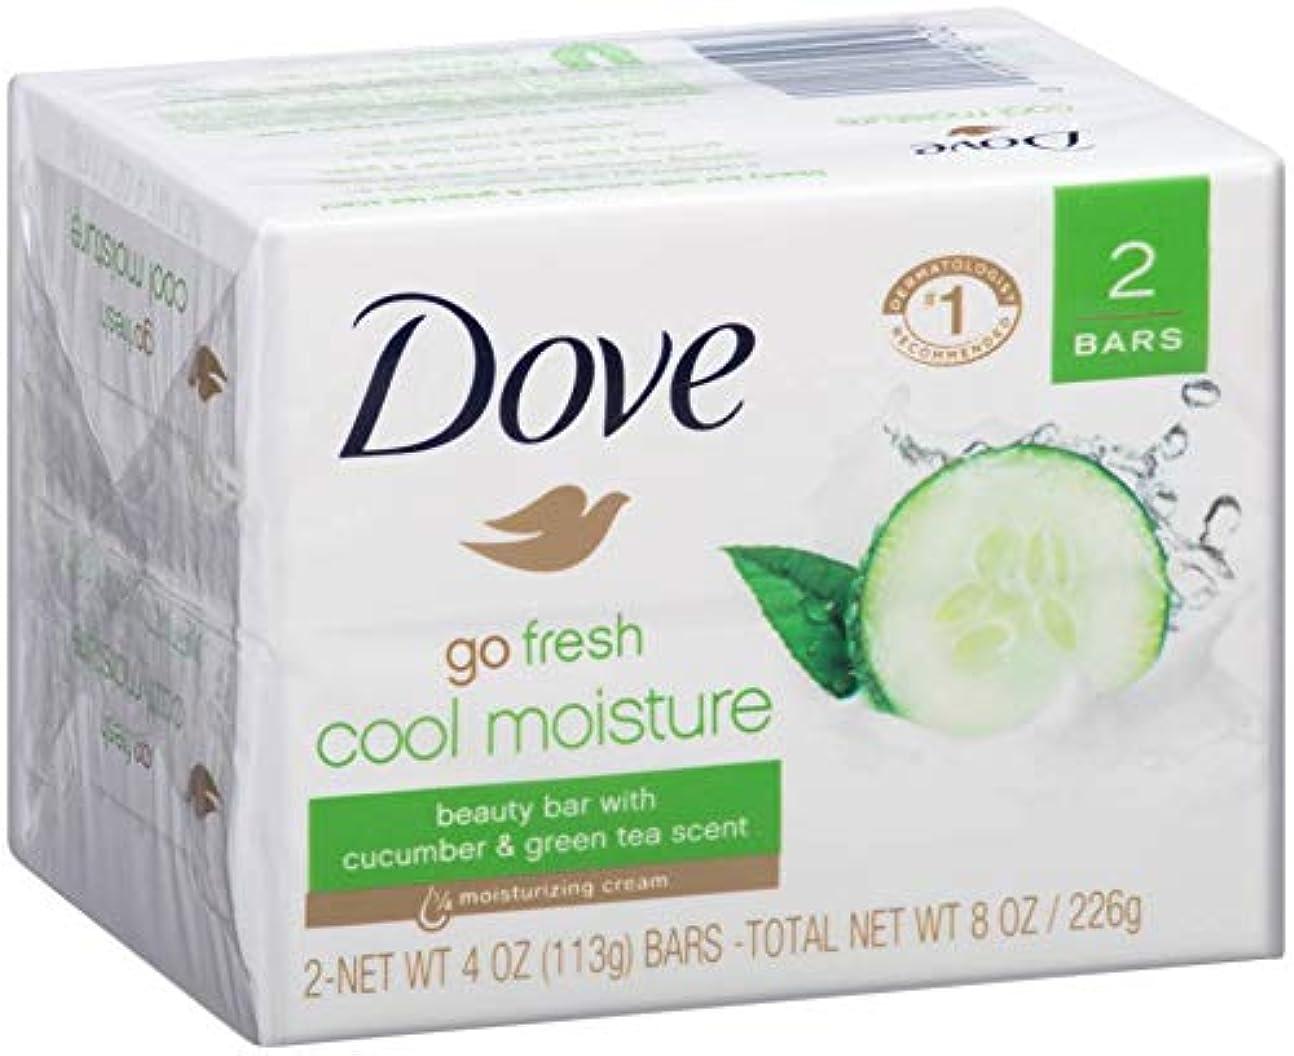 フィクション望ましいスカウトDove フレッシュクールモイスチャー美容Bars-キュウリ、緑茶の香り、2バー(24パック)を行きます